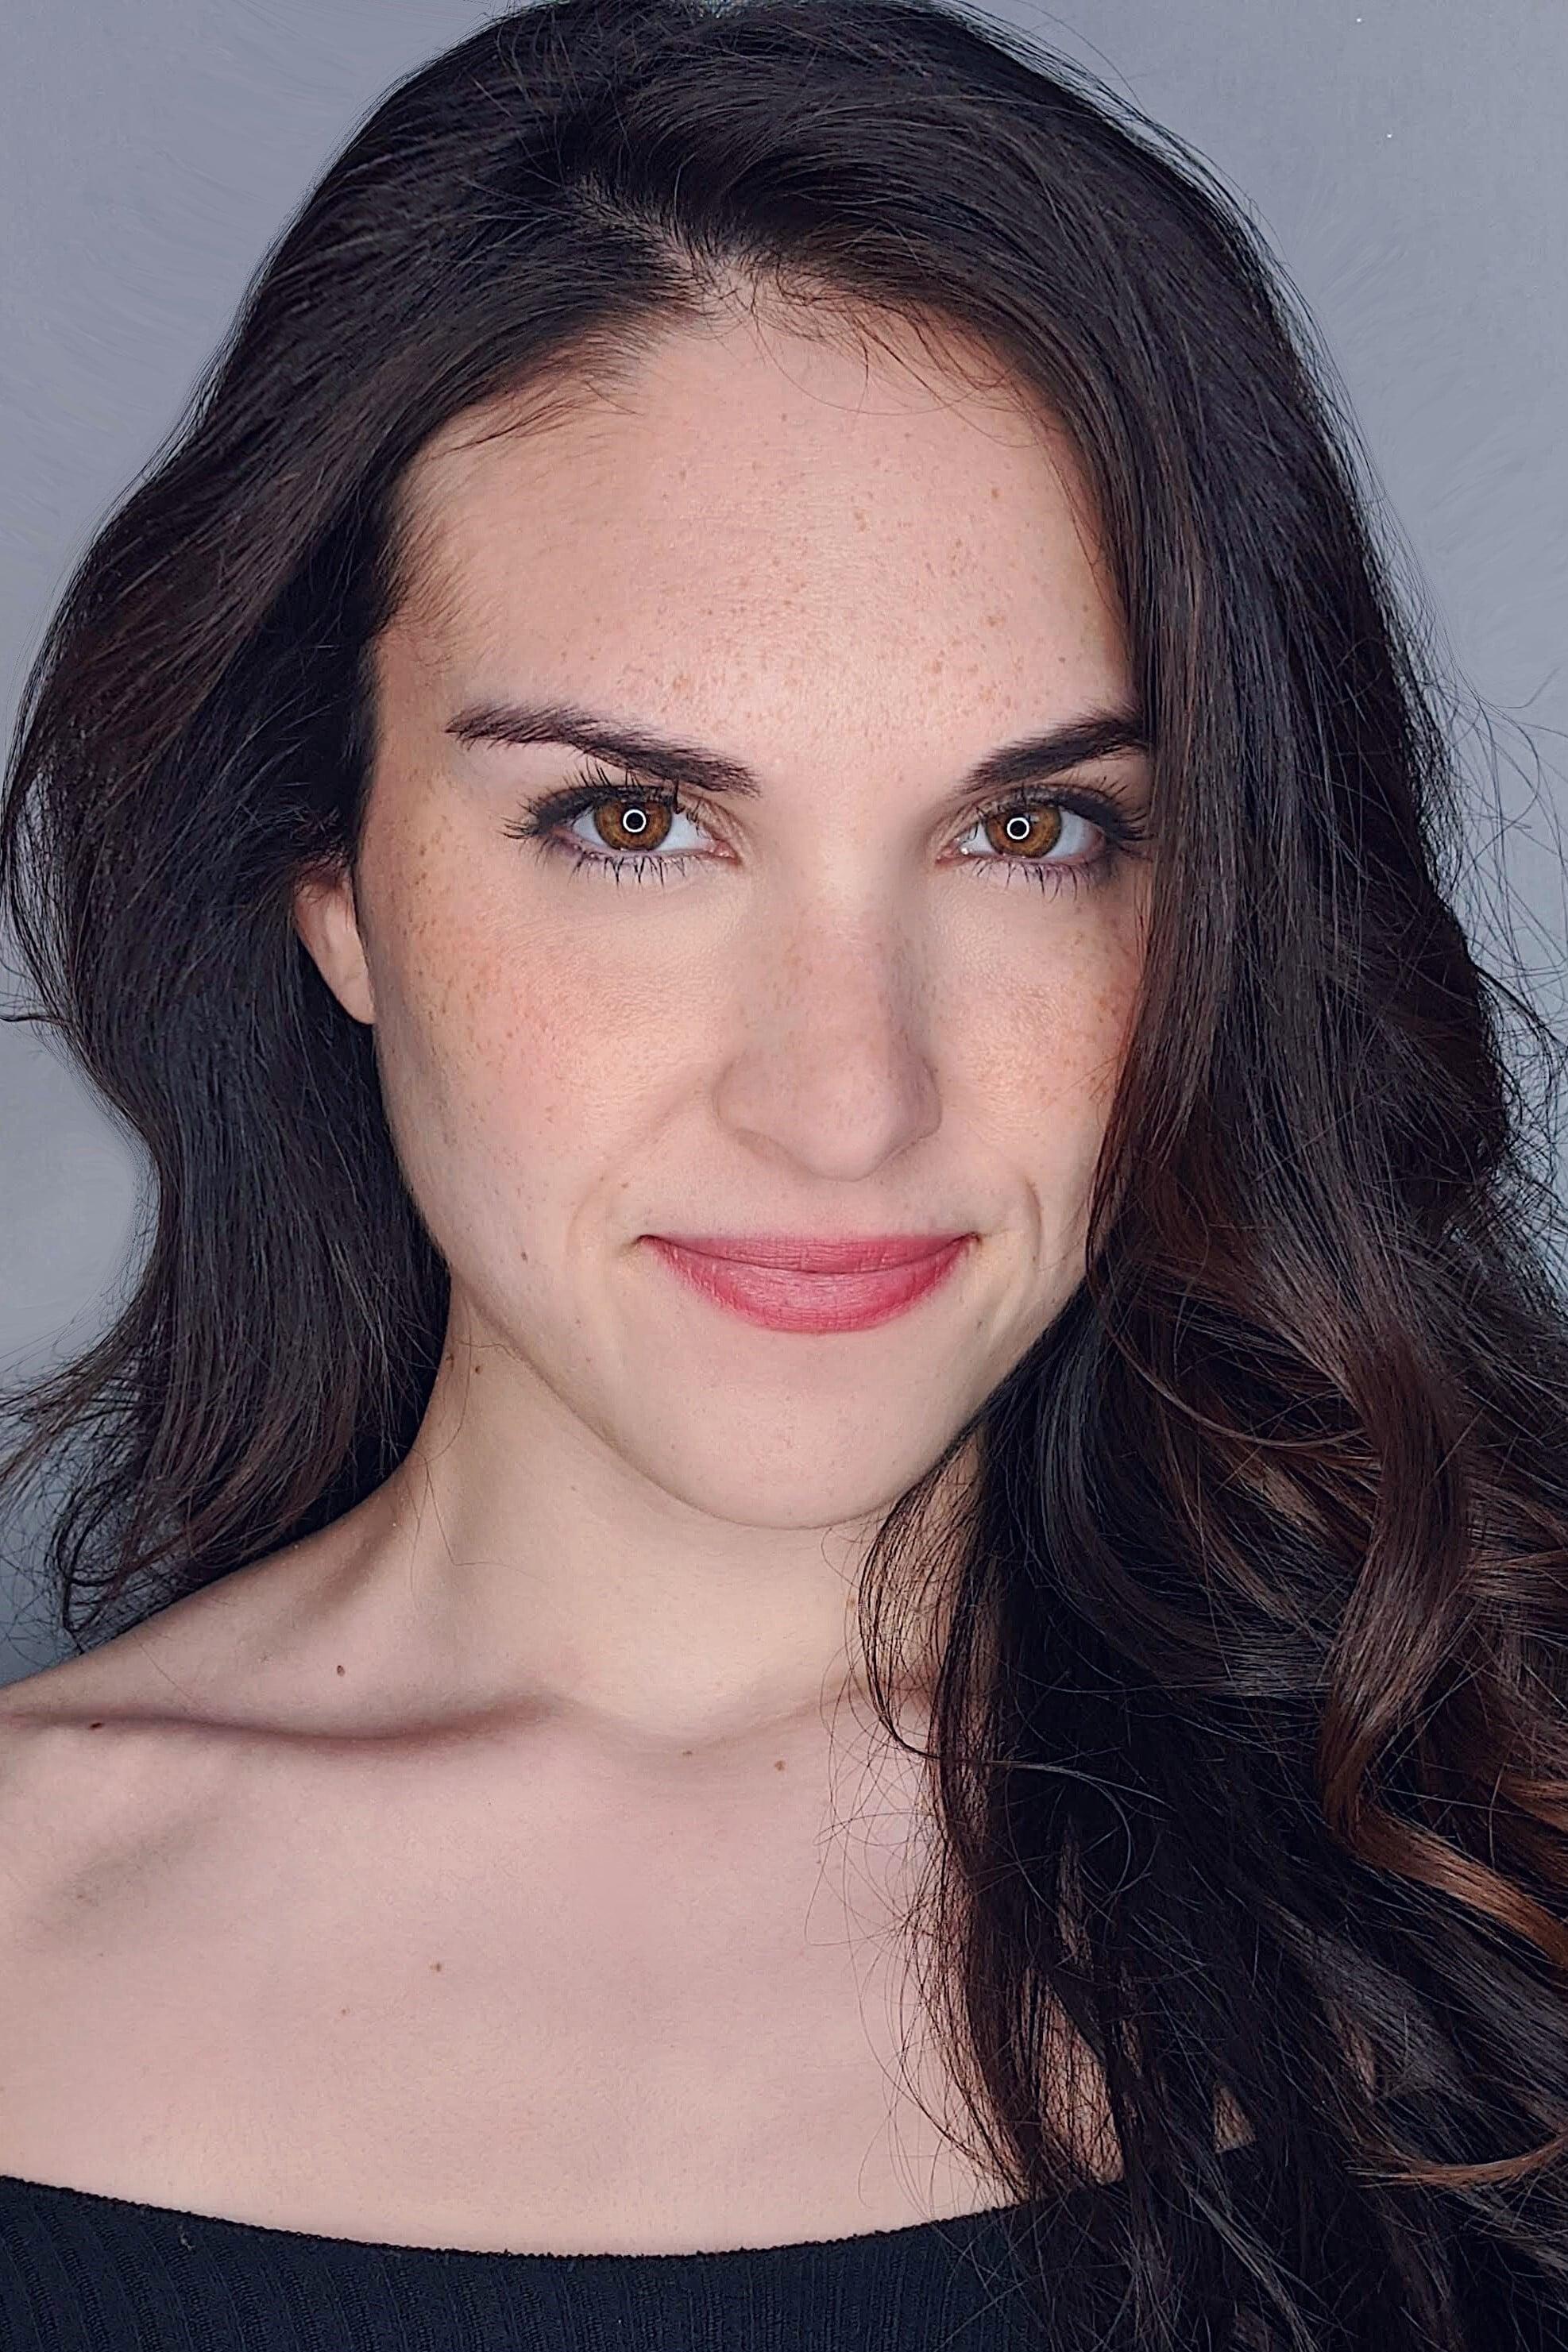 Alexis Beckley